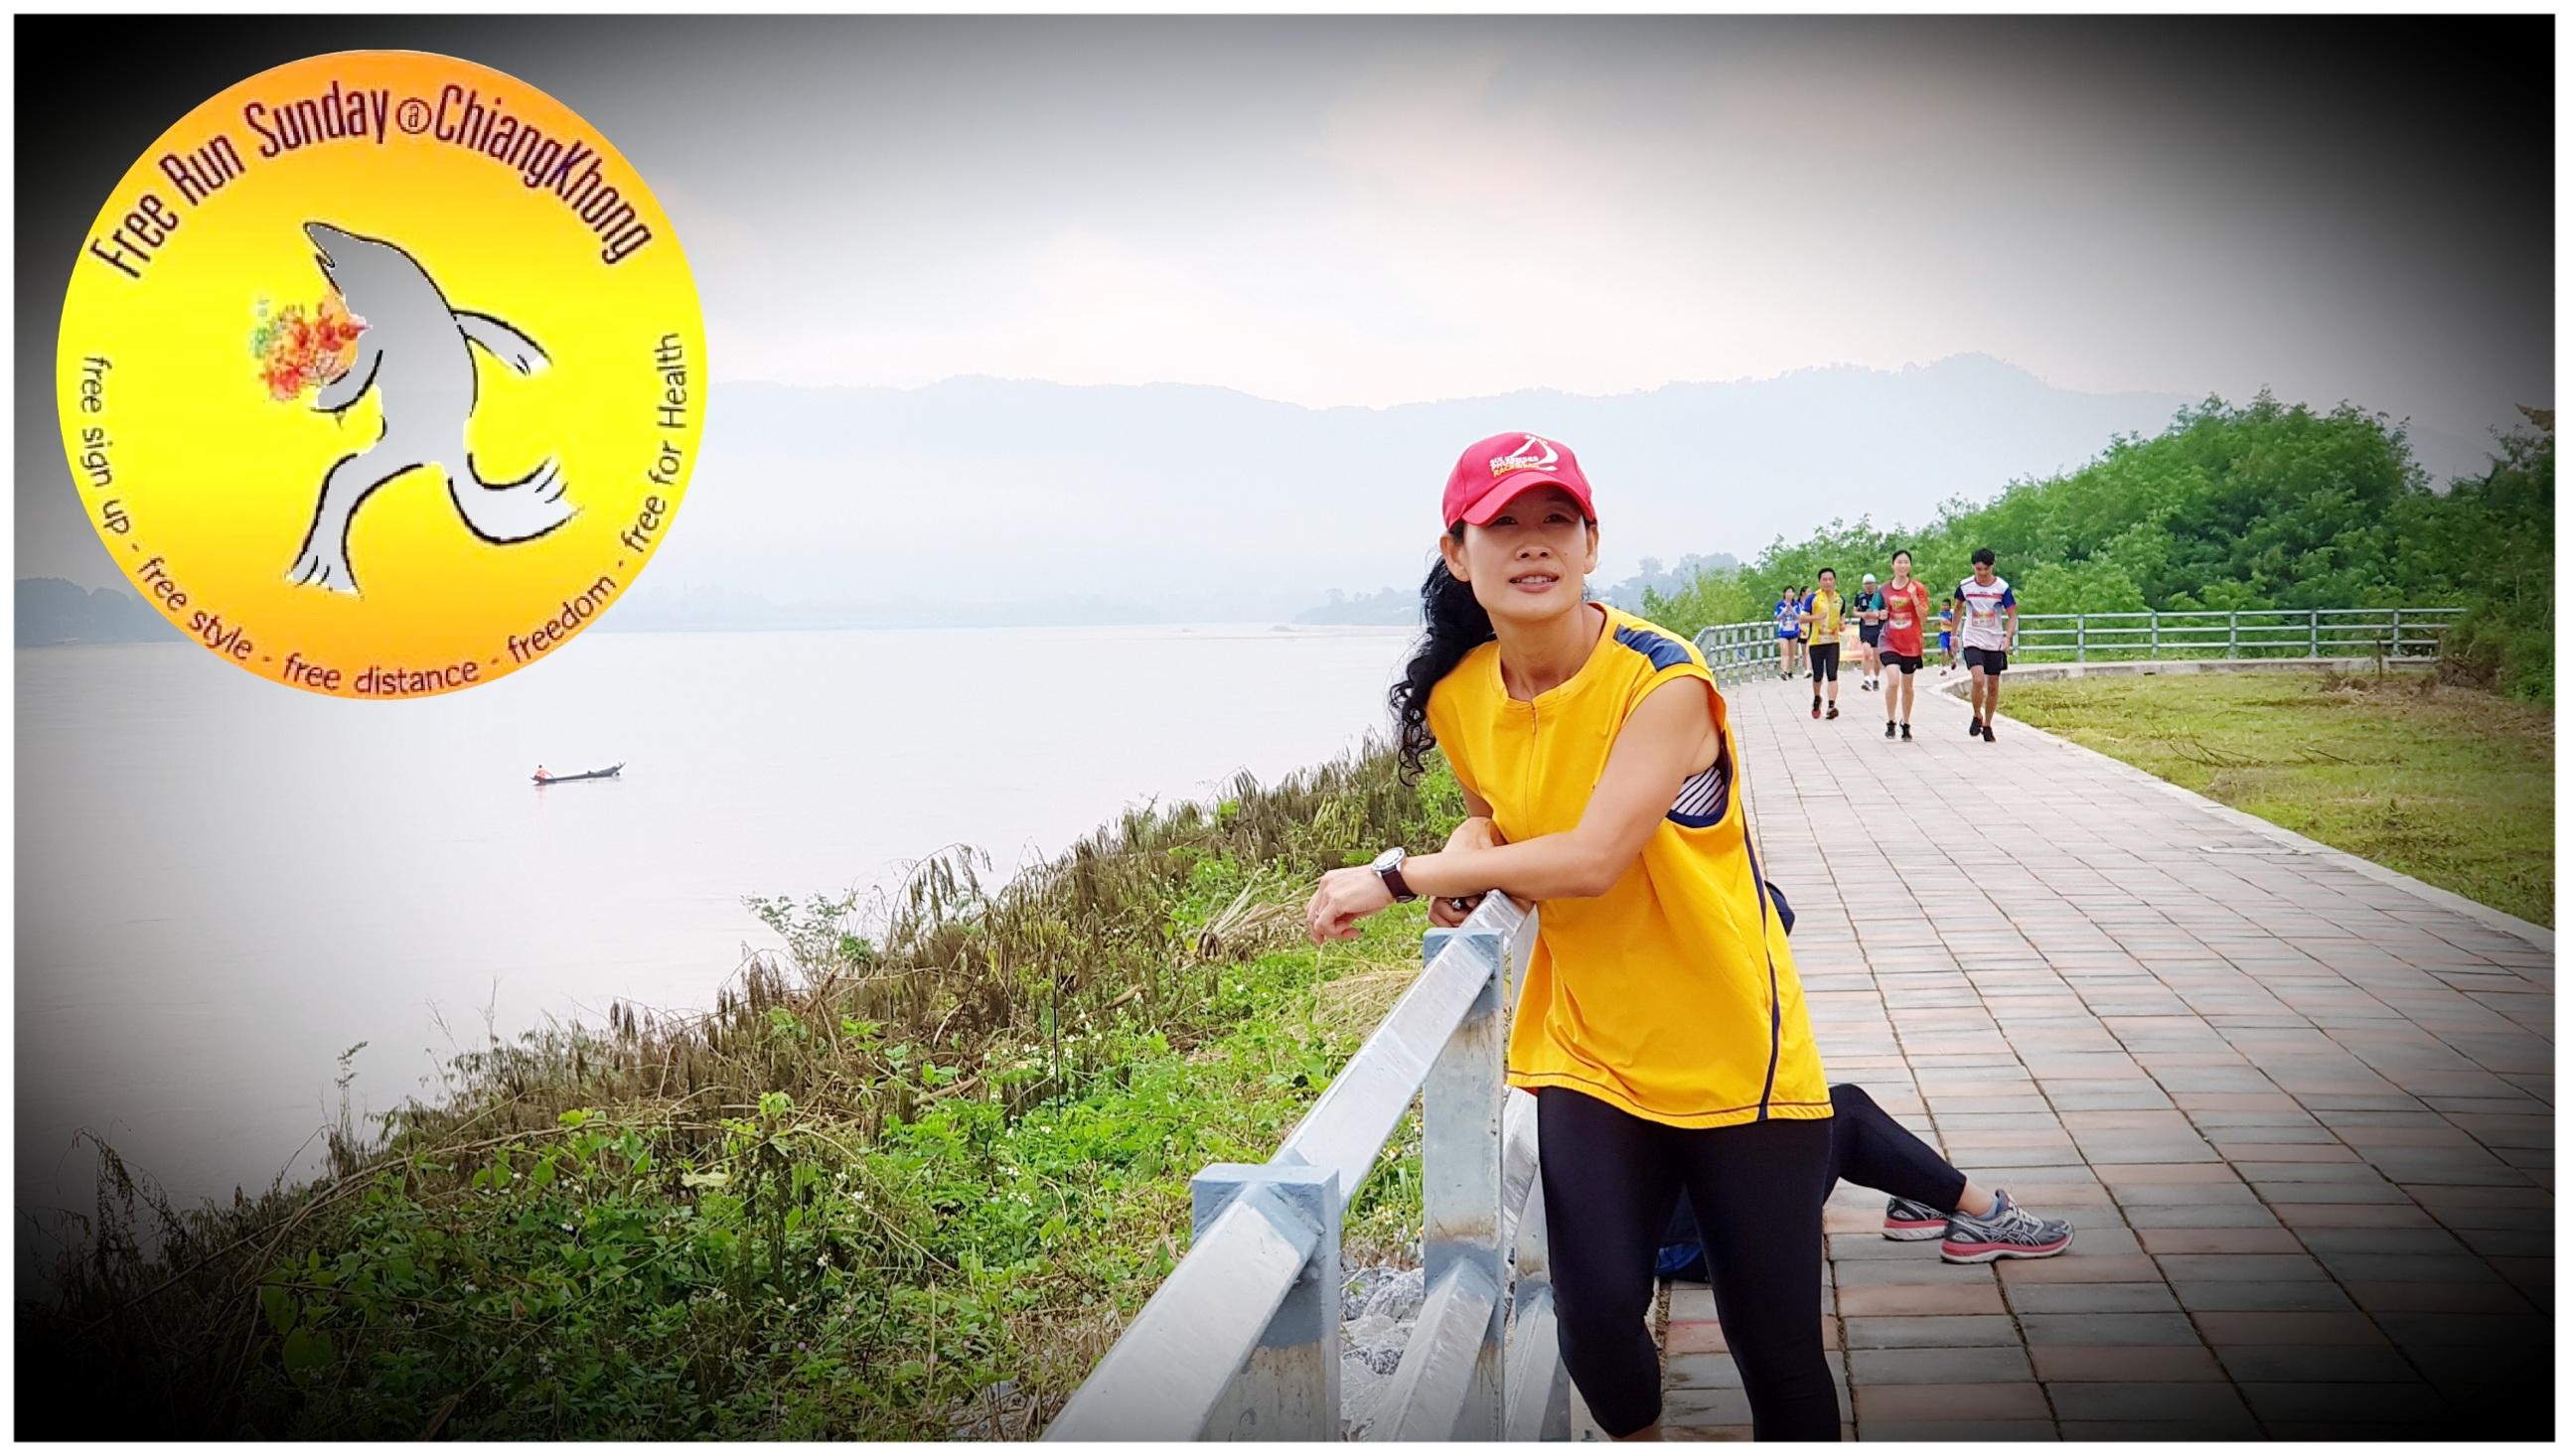 Free Run Sunday at Chiang Khong.